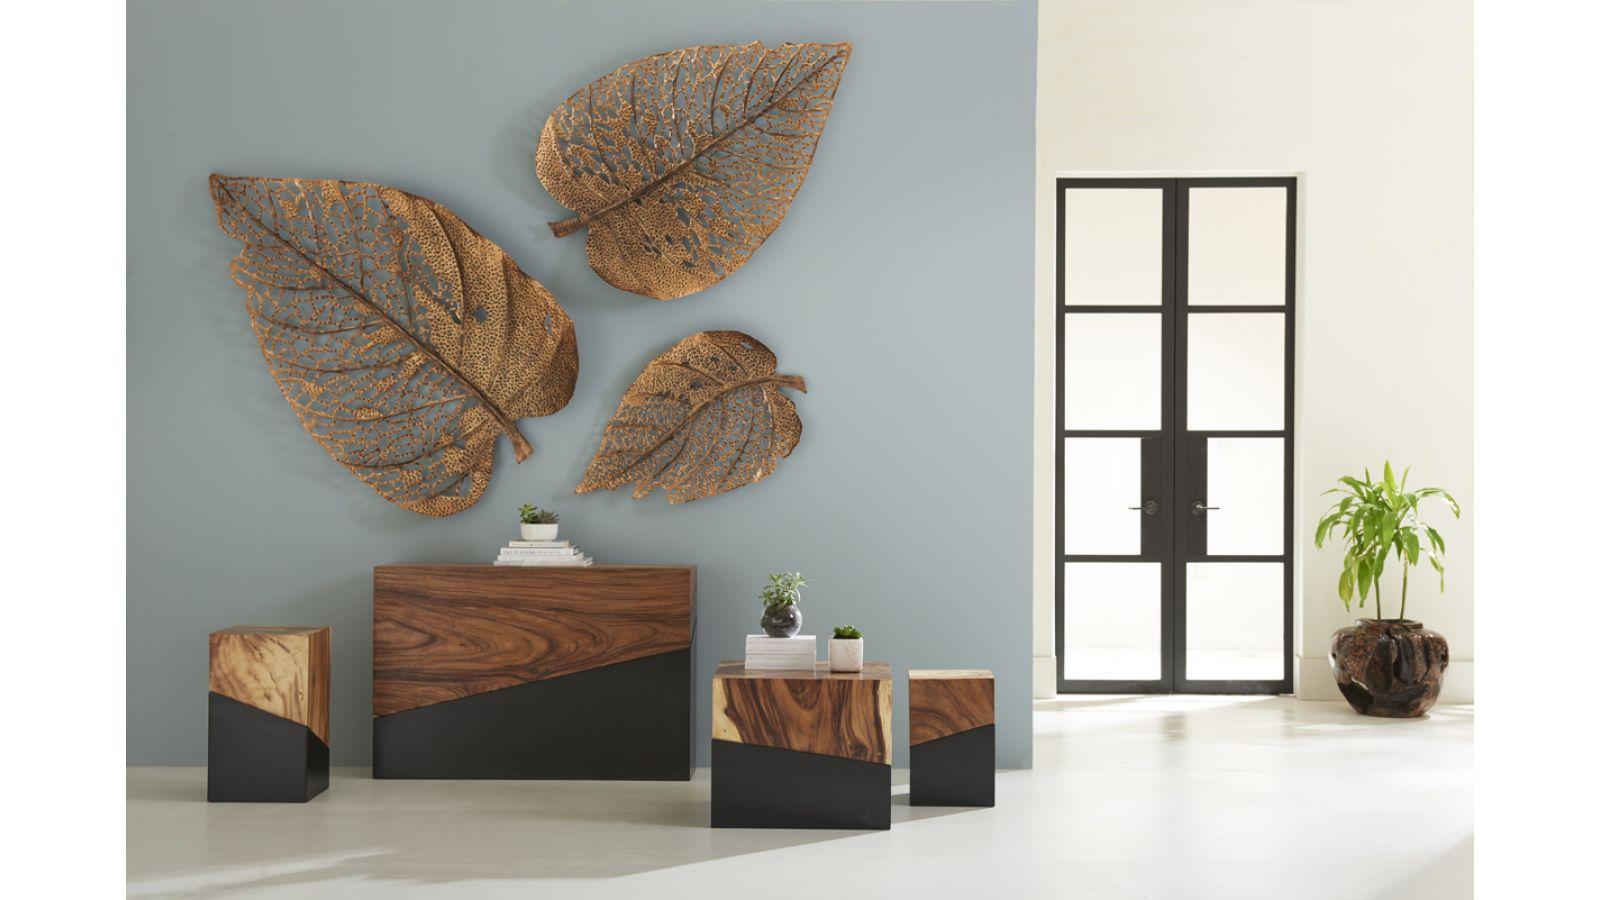 Birch Leaf Wall Art